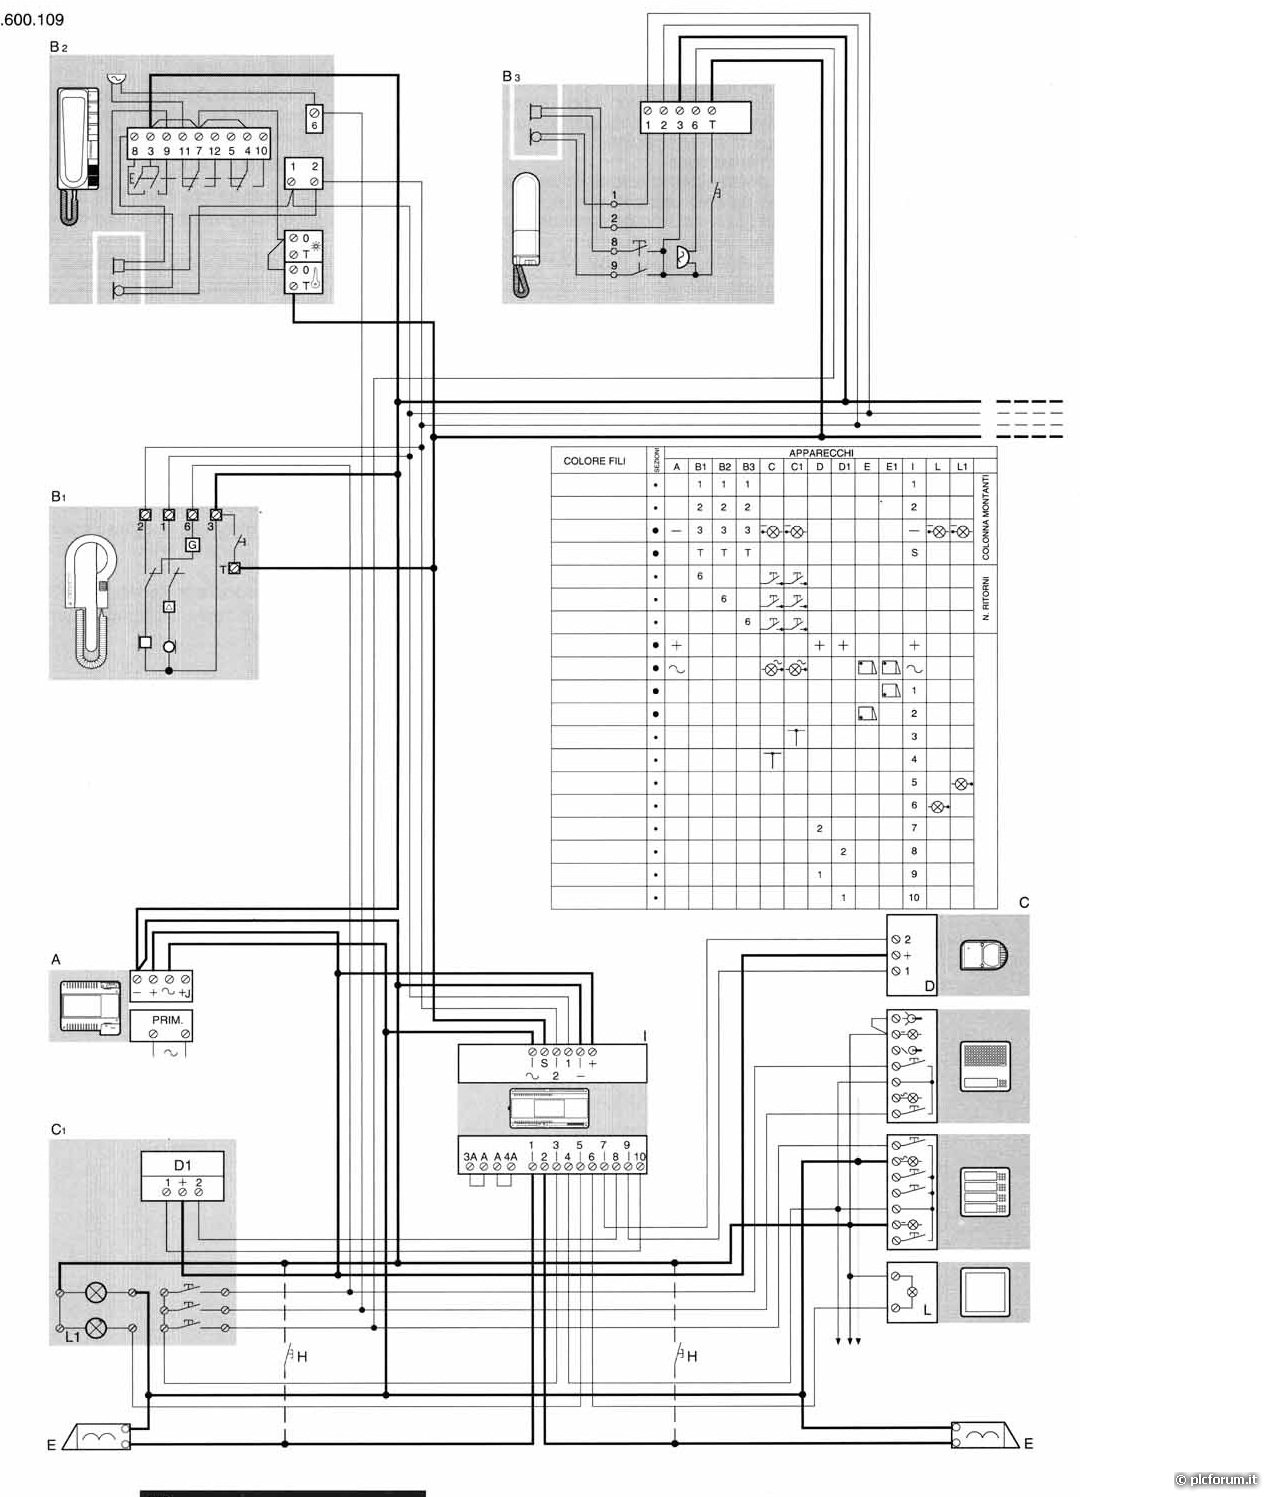 Schemi Elettrici Citofoni Urmet : Aggiunta di un posto esterno terranep citofoni